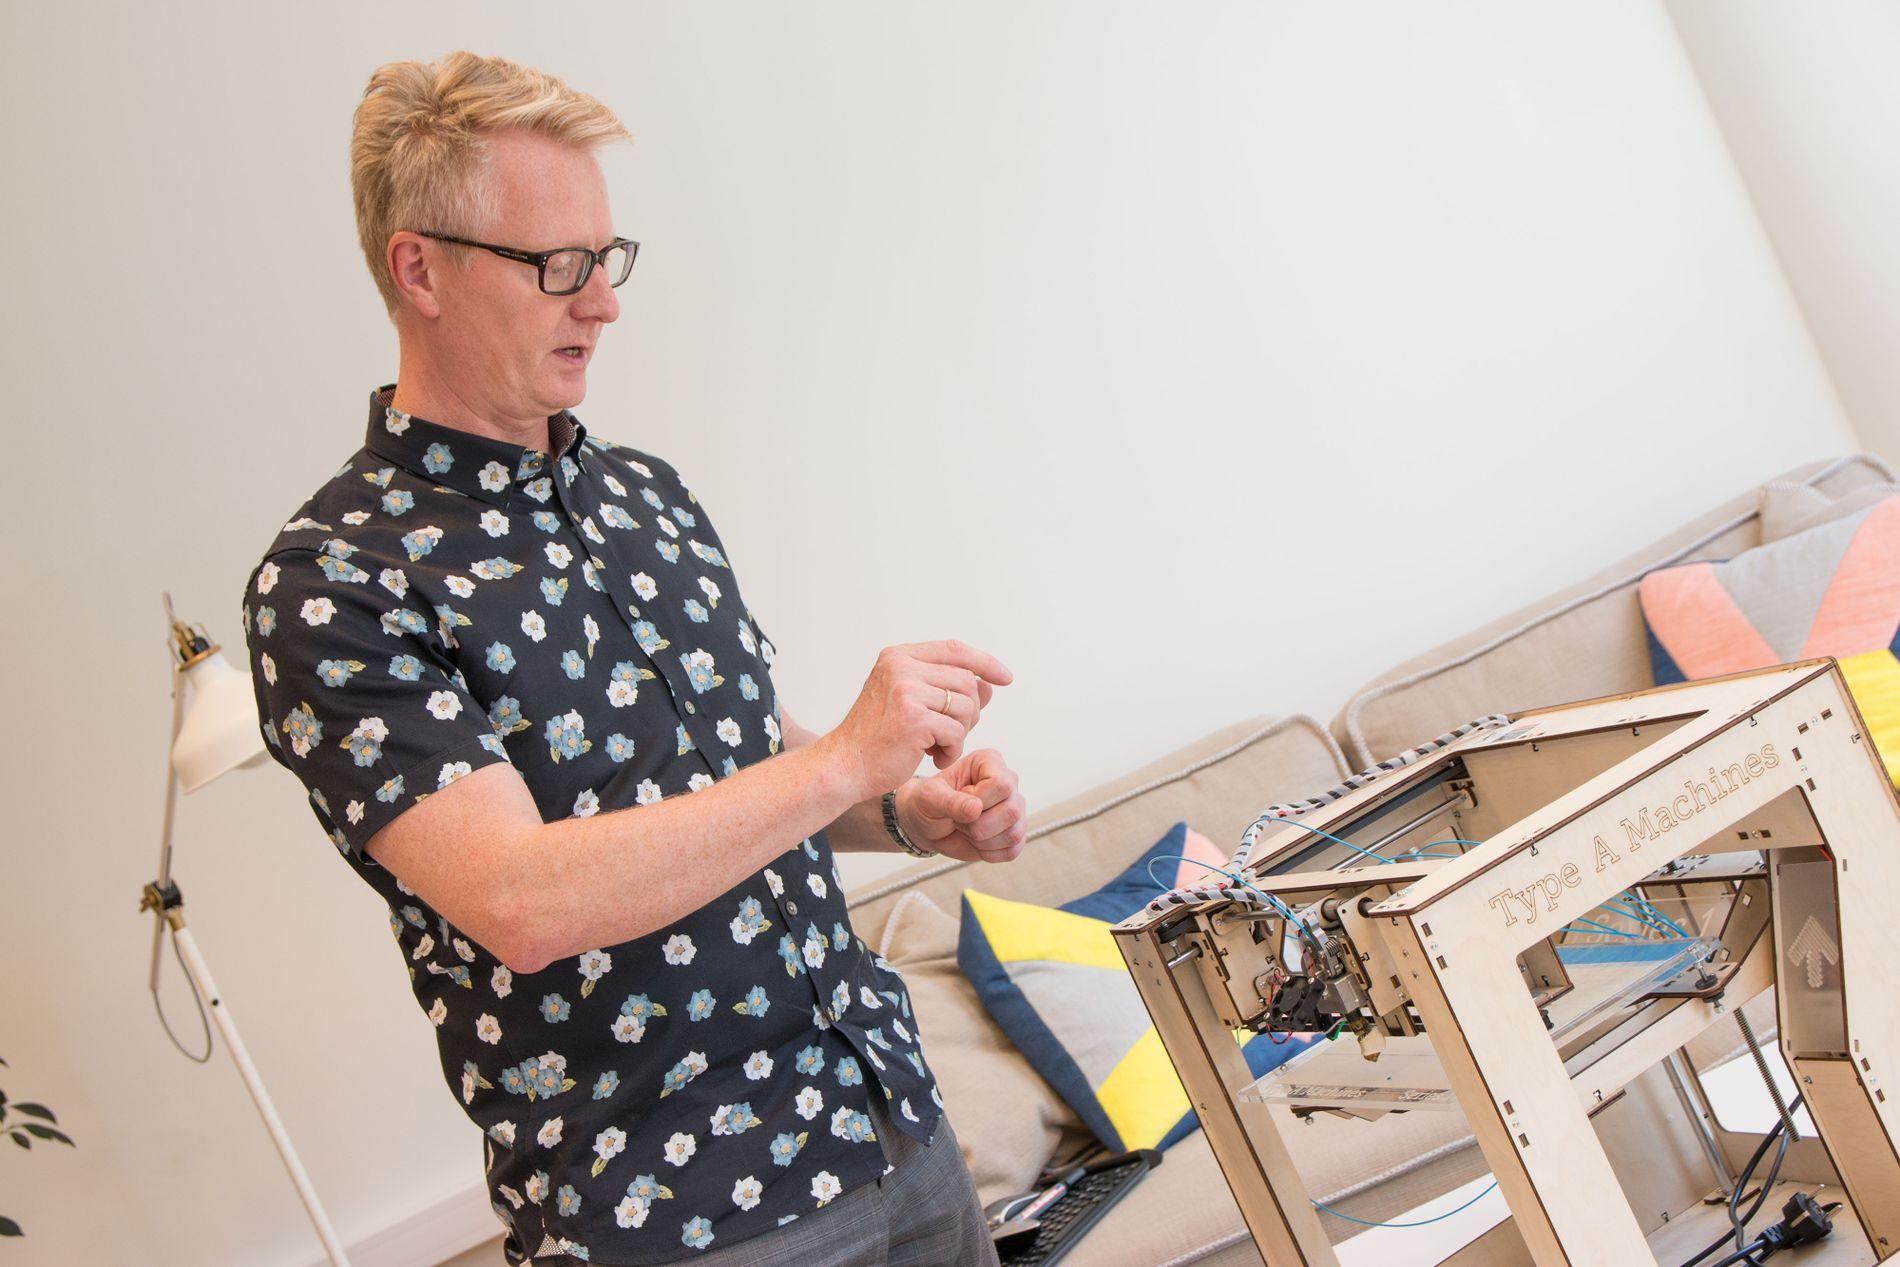 MANGE LEKETØY: Westerdals har en egen lab der studentene kan prøve ut ny teknologi. Her viser fagansvarlig på masterstudiet, Asle Fagerstrøm, hvordan 3d-skriveren deres fungerer. Foto: Tek Story Labs